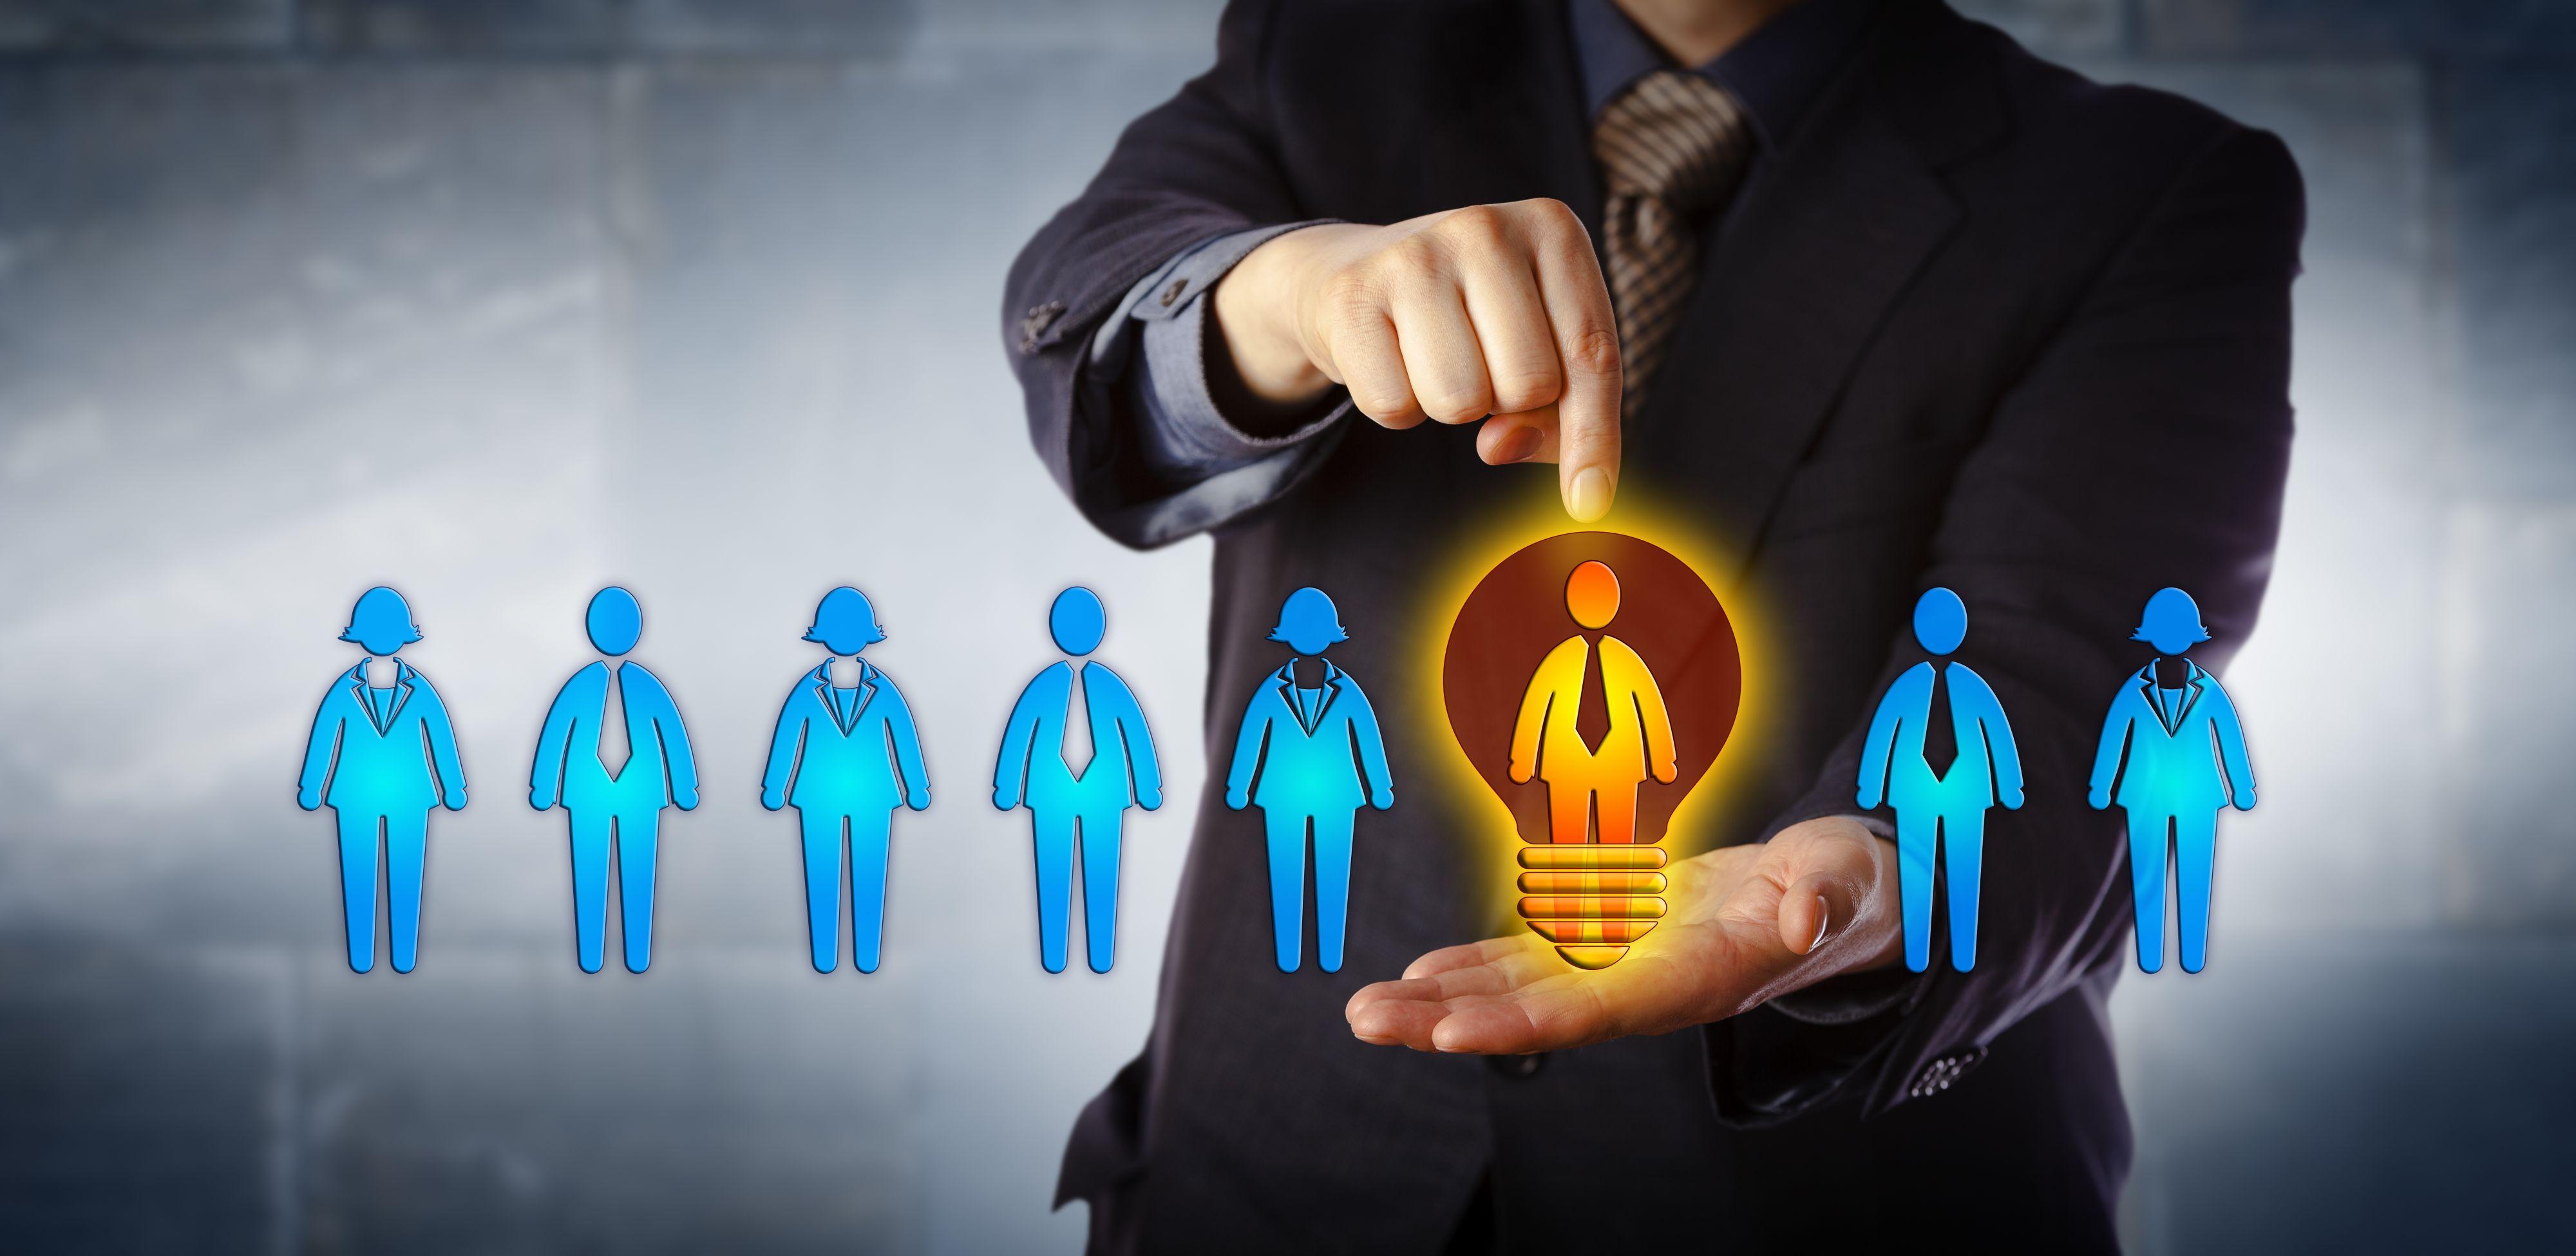 Chcąc zwiększyć zaangażowanie pracowników, firmy wdrażają rozwiązania w zakresie coachingu kariery (Fot. Shutterstock)